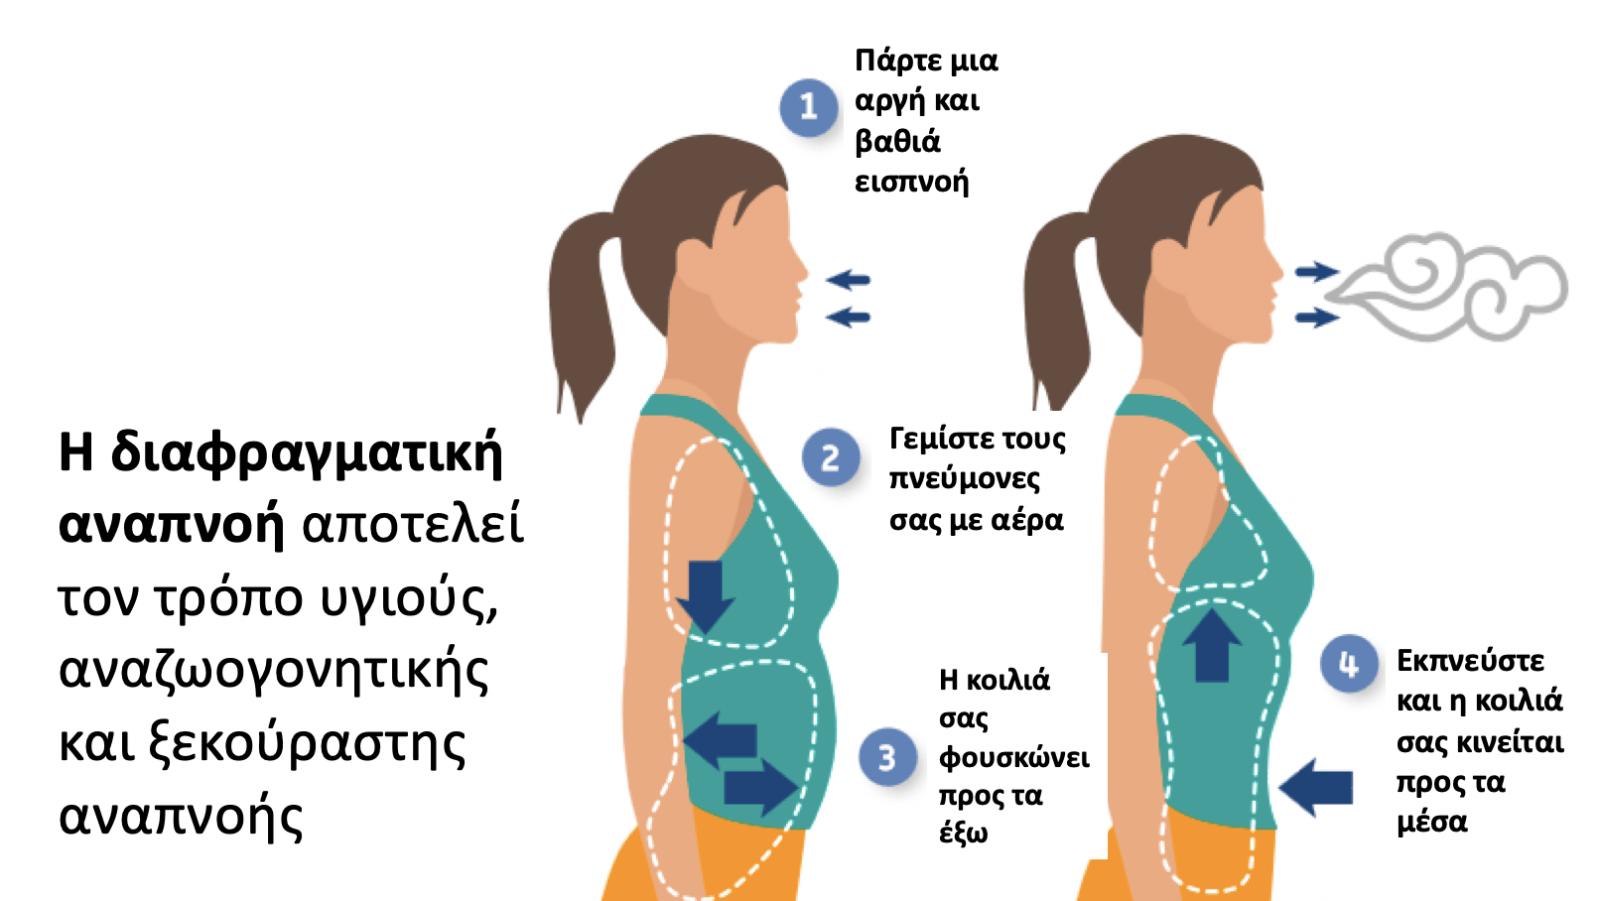 Διαφραγματική Αναπνοή http://www.athenslung.gr/diafragmatiki-anapnoi/